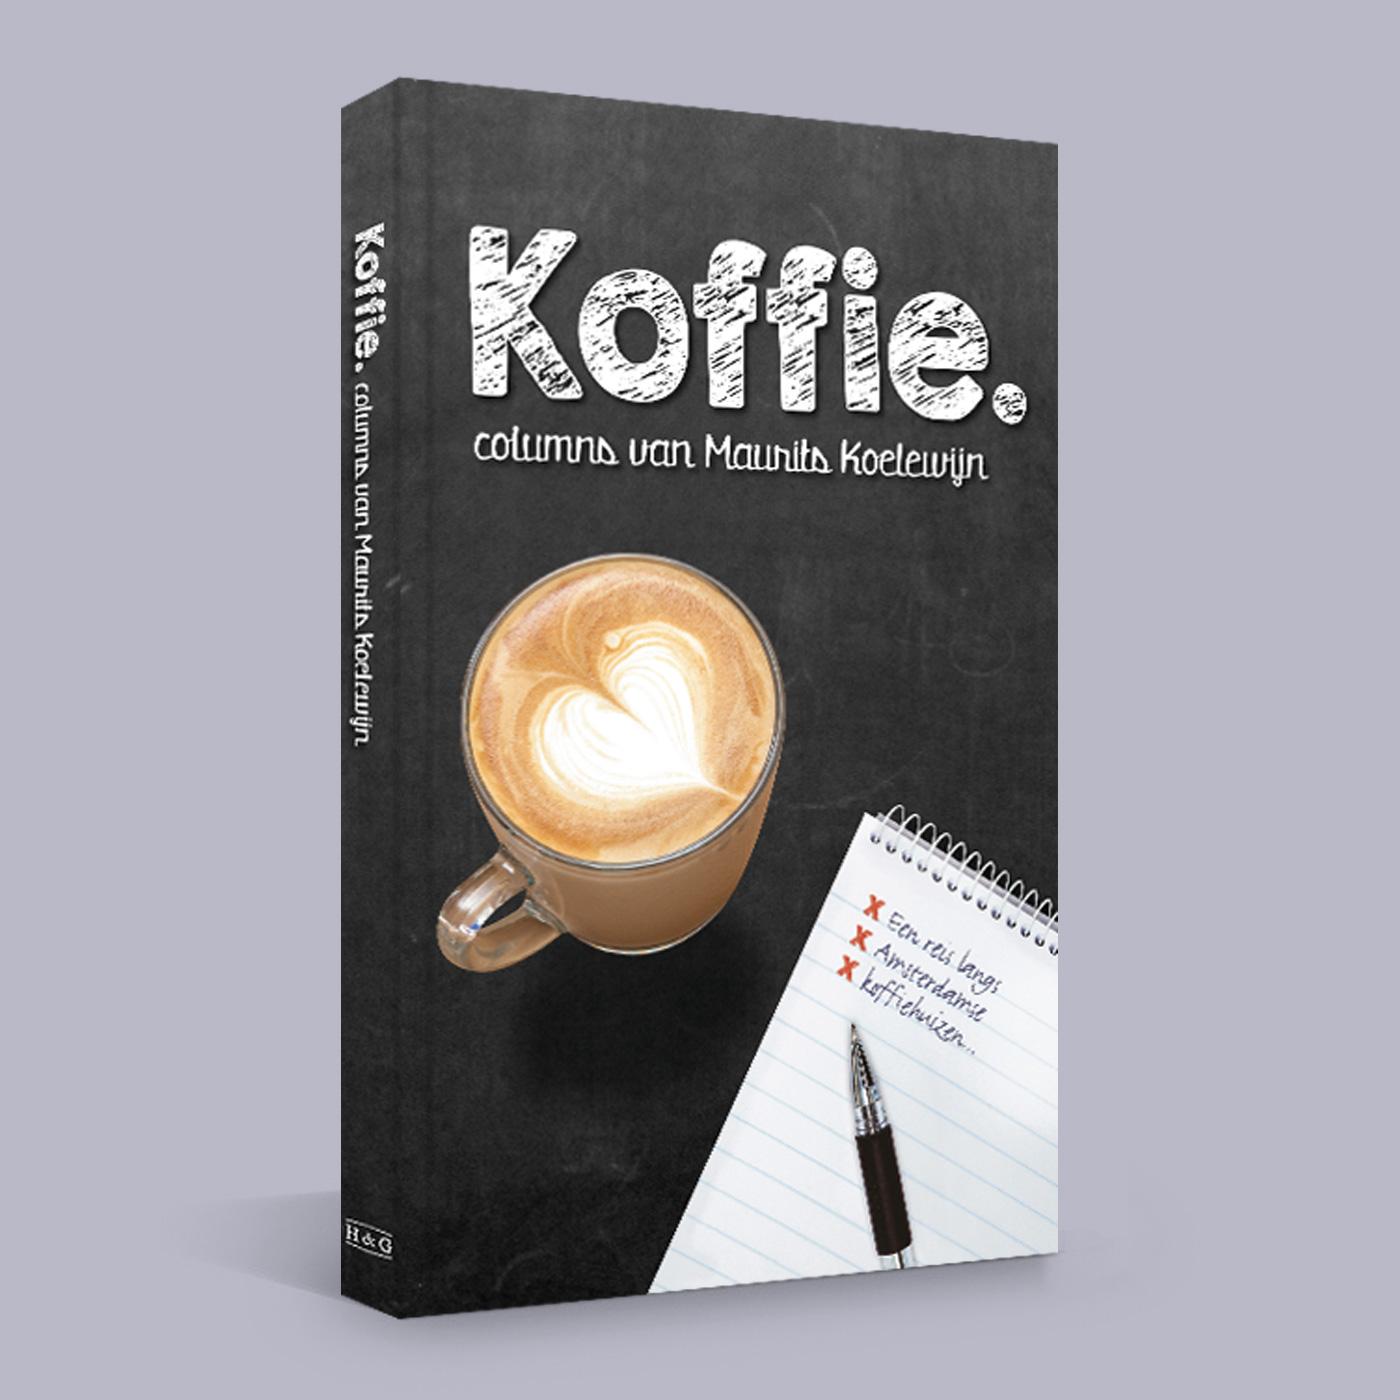 Opmaak en drukwerk van het boekje Koffie. met columns van Maurits Koelewijn, in opdracht van H&G Uitgeverij.